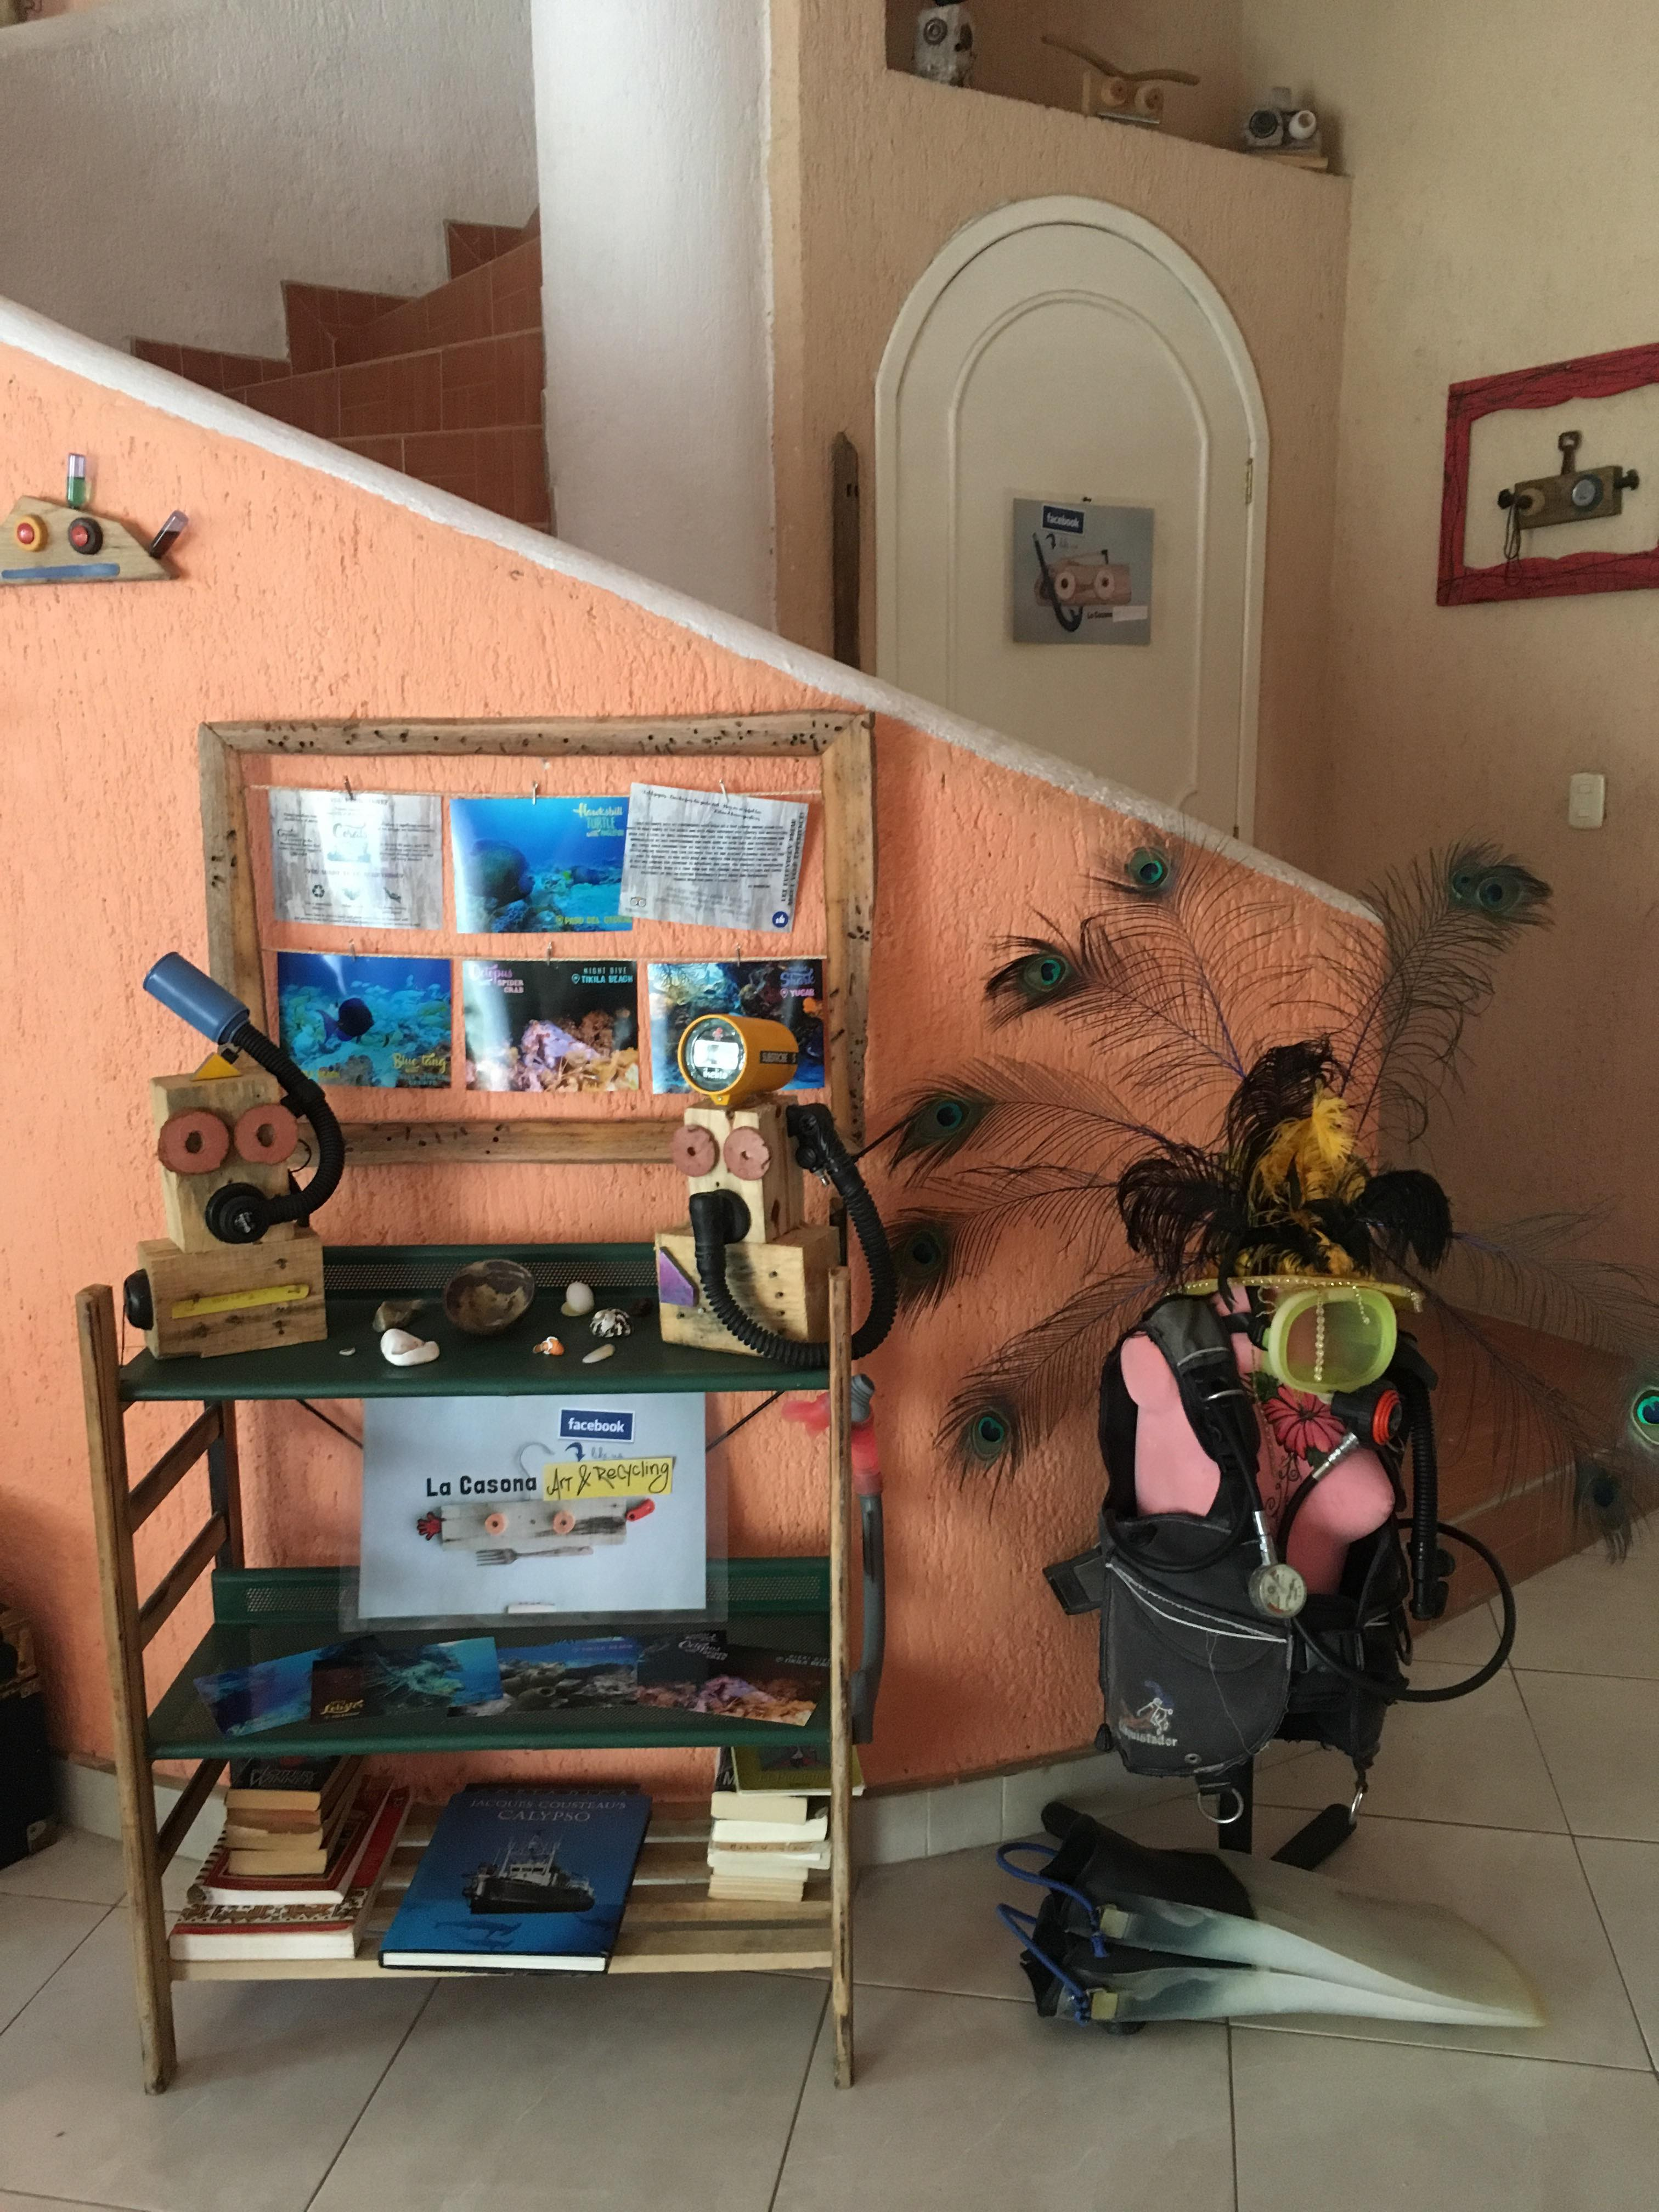 La Casona Art & Recycling